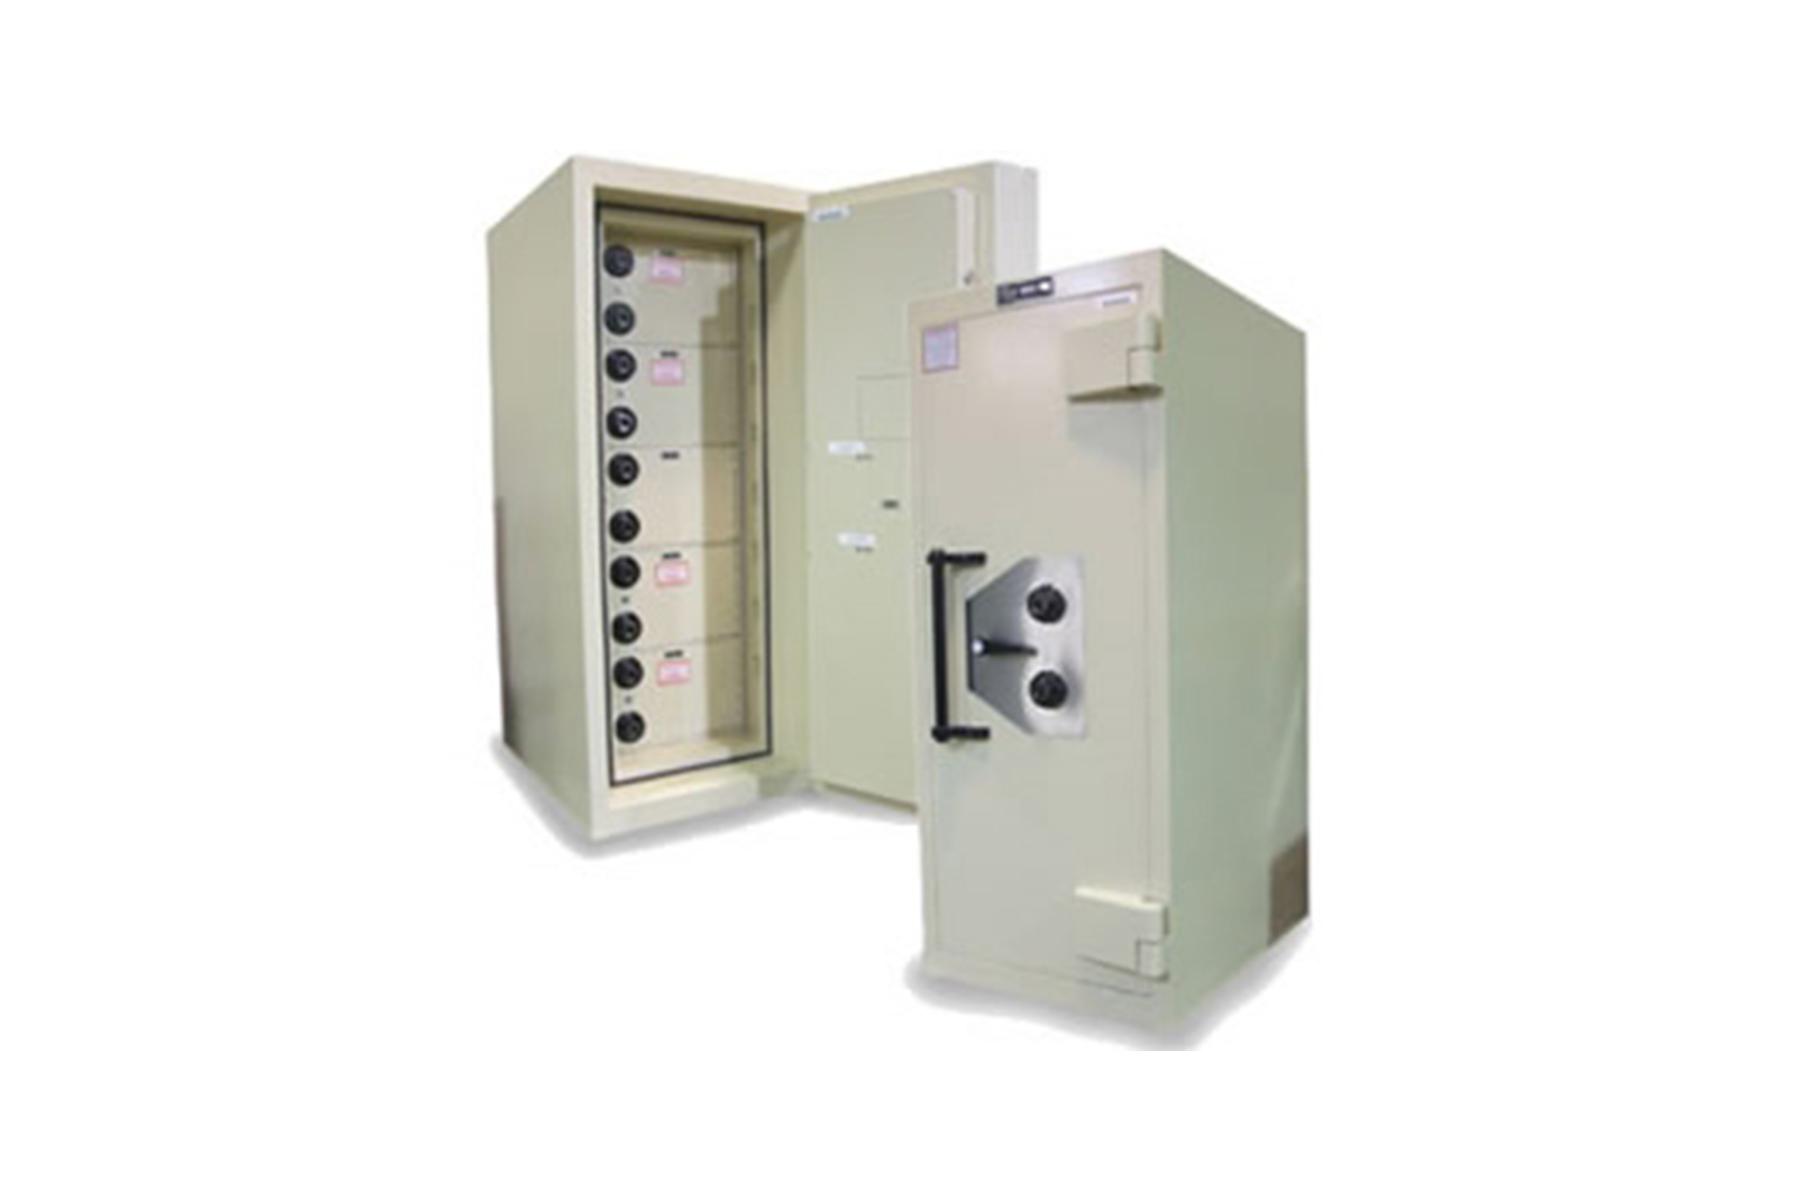 MGM TRTL-30 Composite Safe